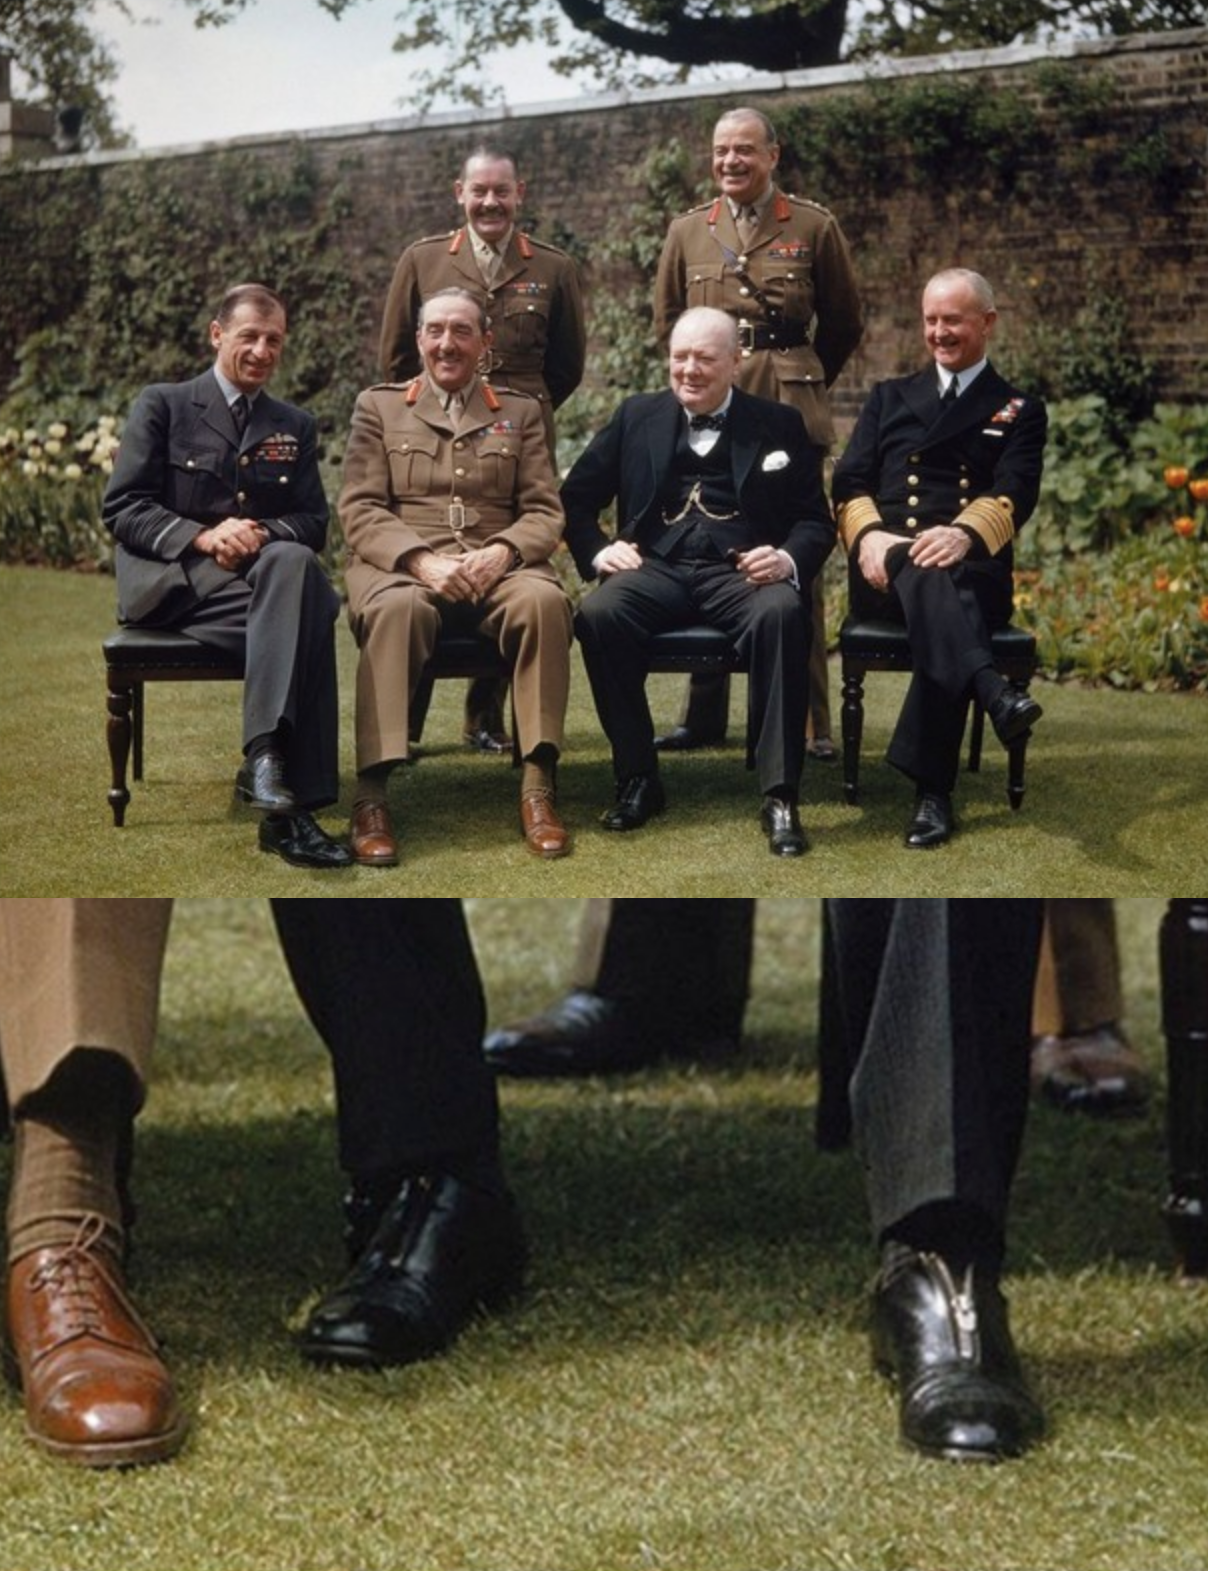 Le zip des souliers de Churchill est partiellement ouvert, probablement car ses pieds devaient gonfler facilement. (Source : Claymoorslist)